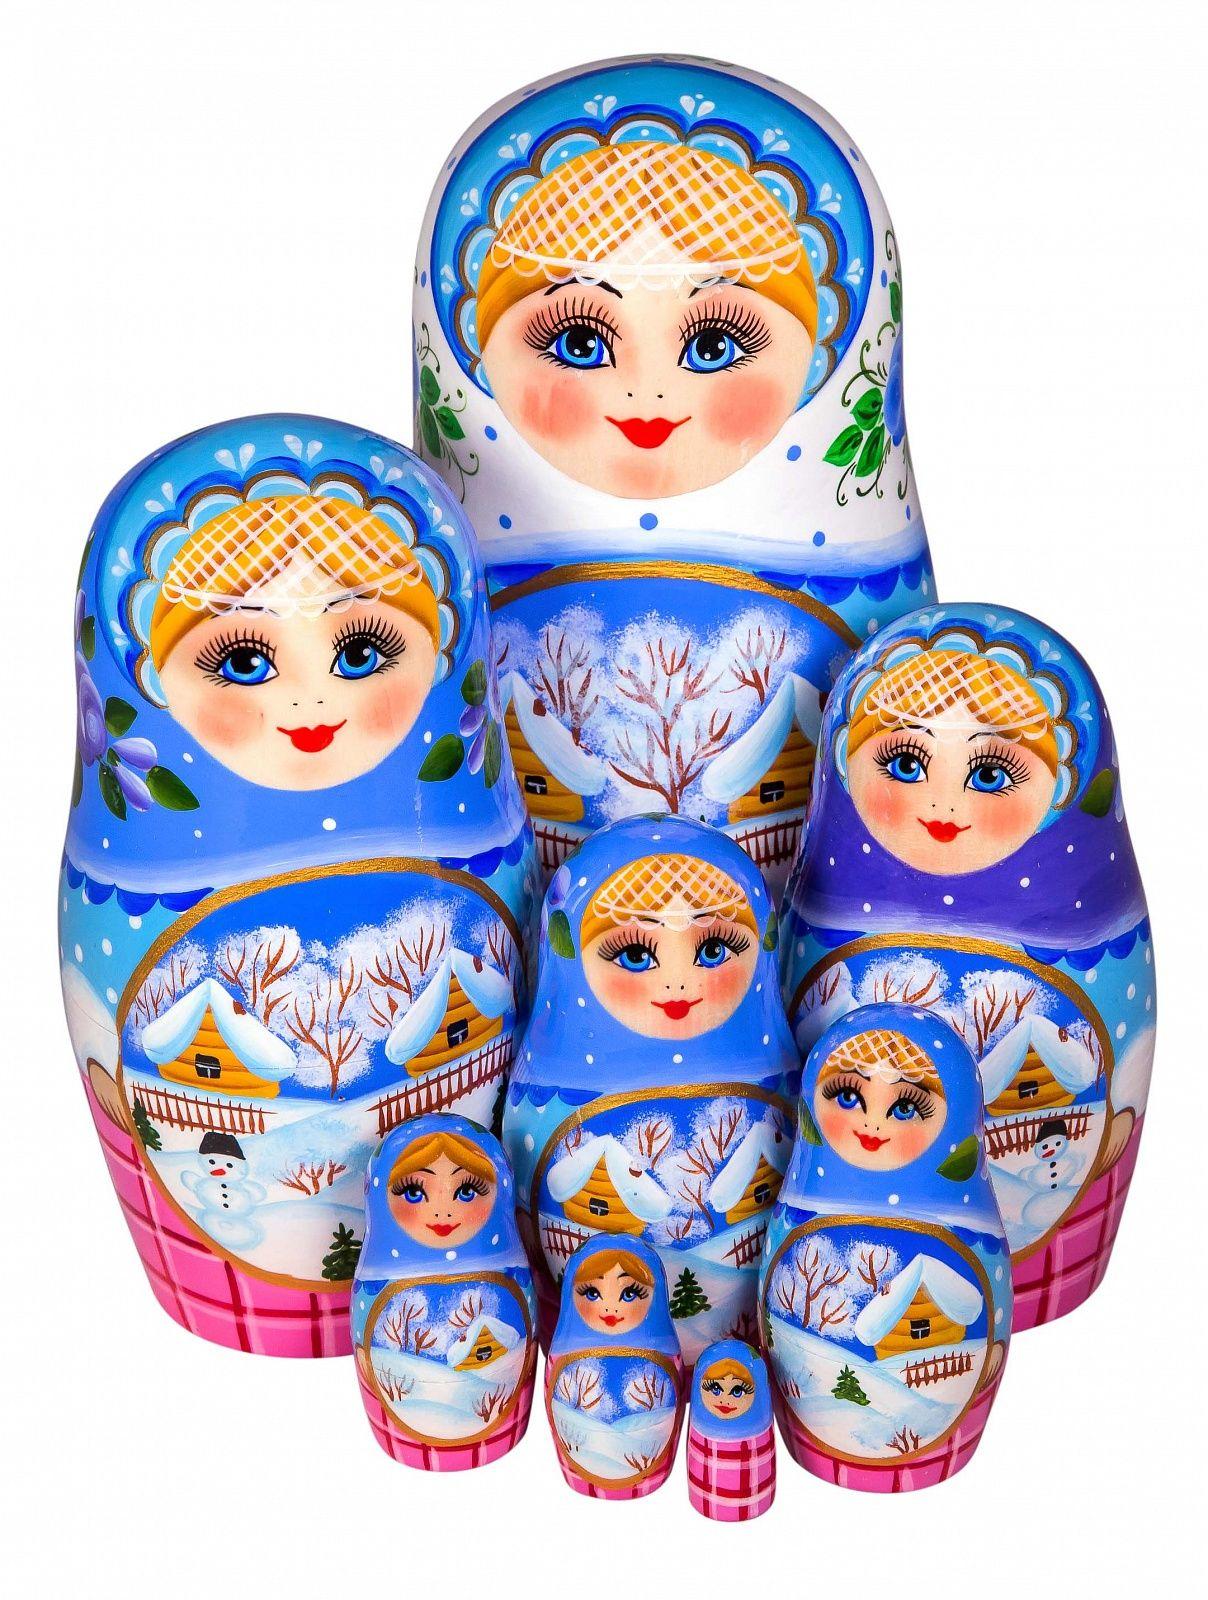 Khokhloma painting / Author's Matryoshka 8 dolls